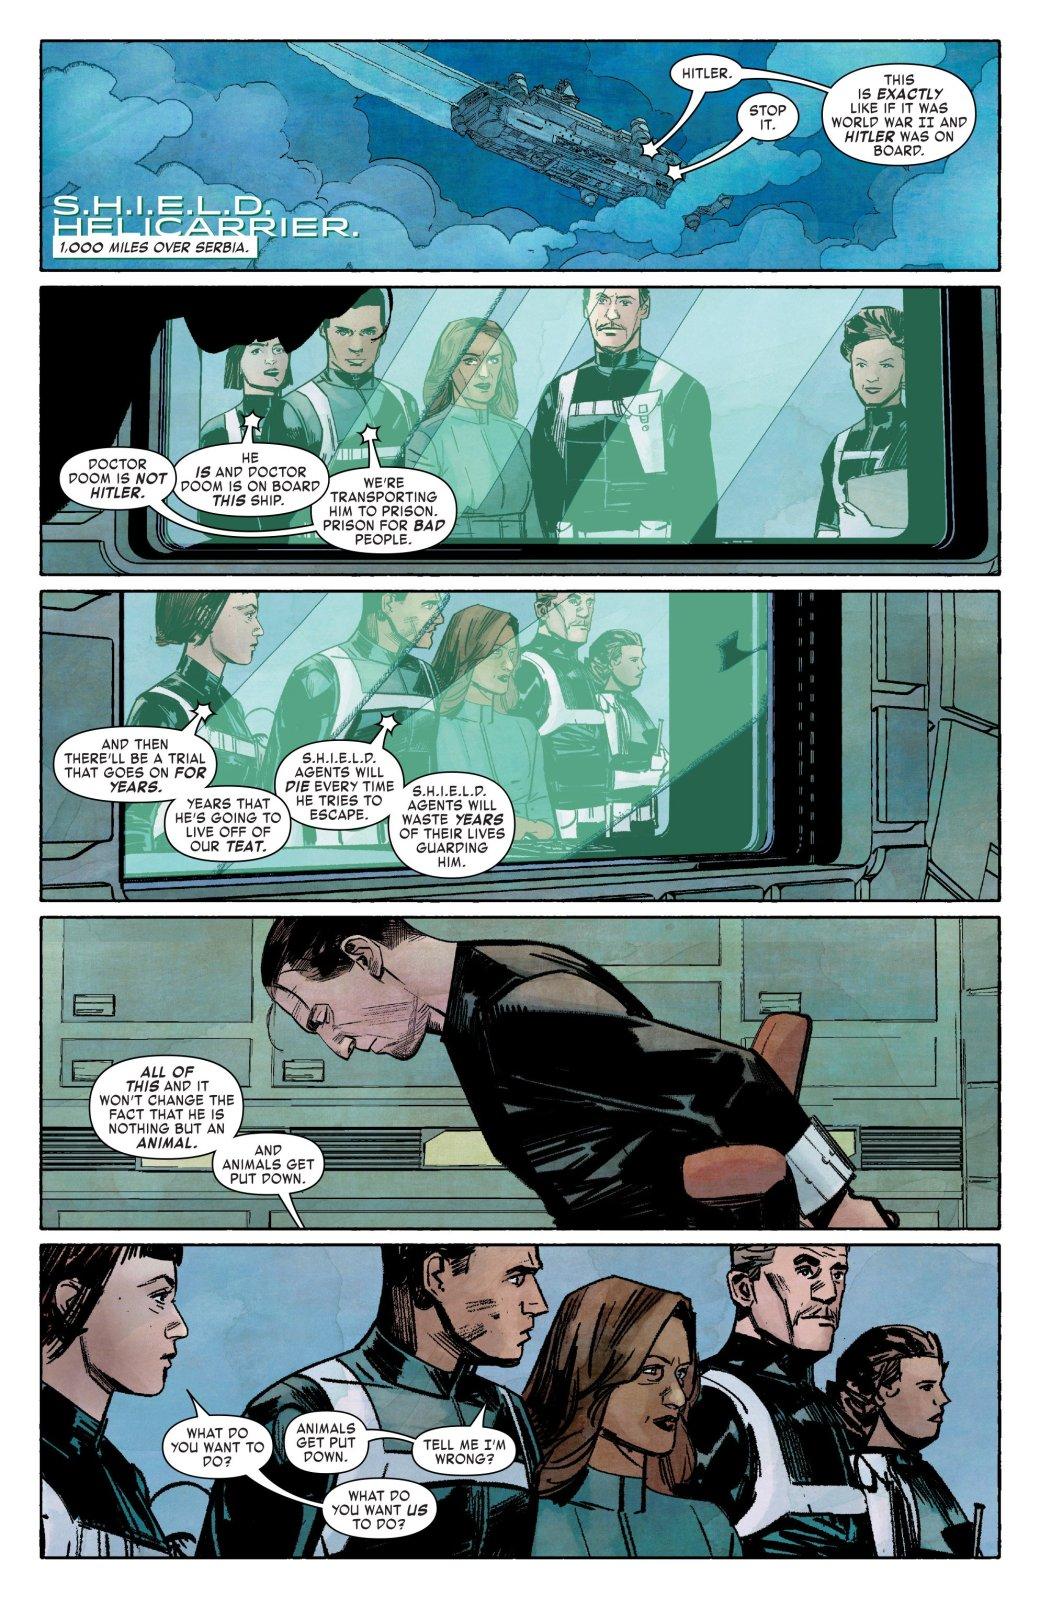 Нелегко быть супергероем: Доктора Дума изплена ЩИТ спасла его мать